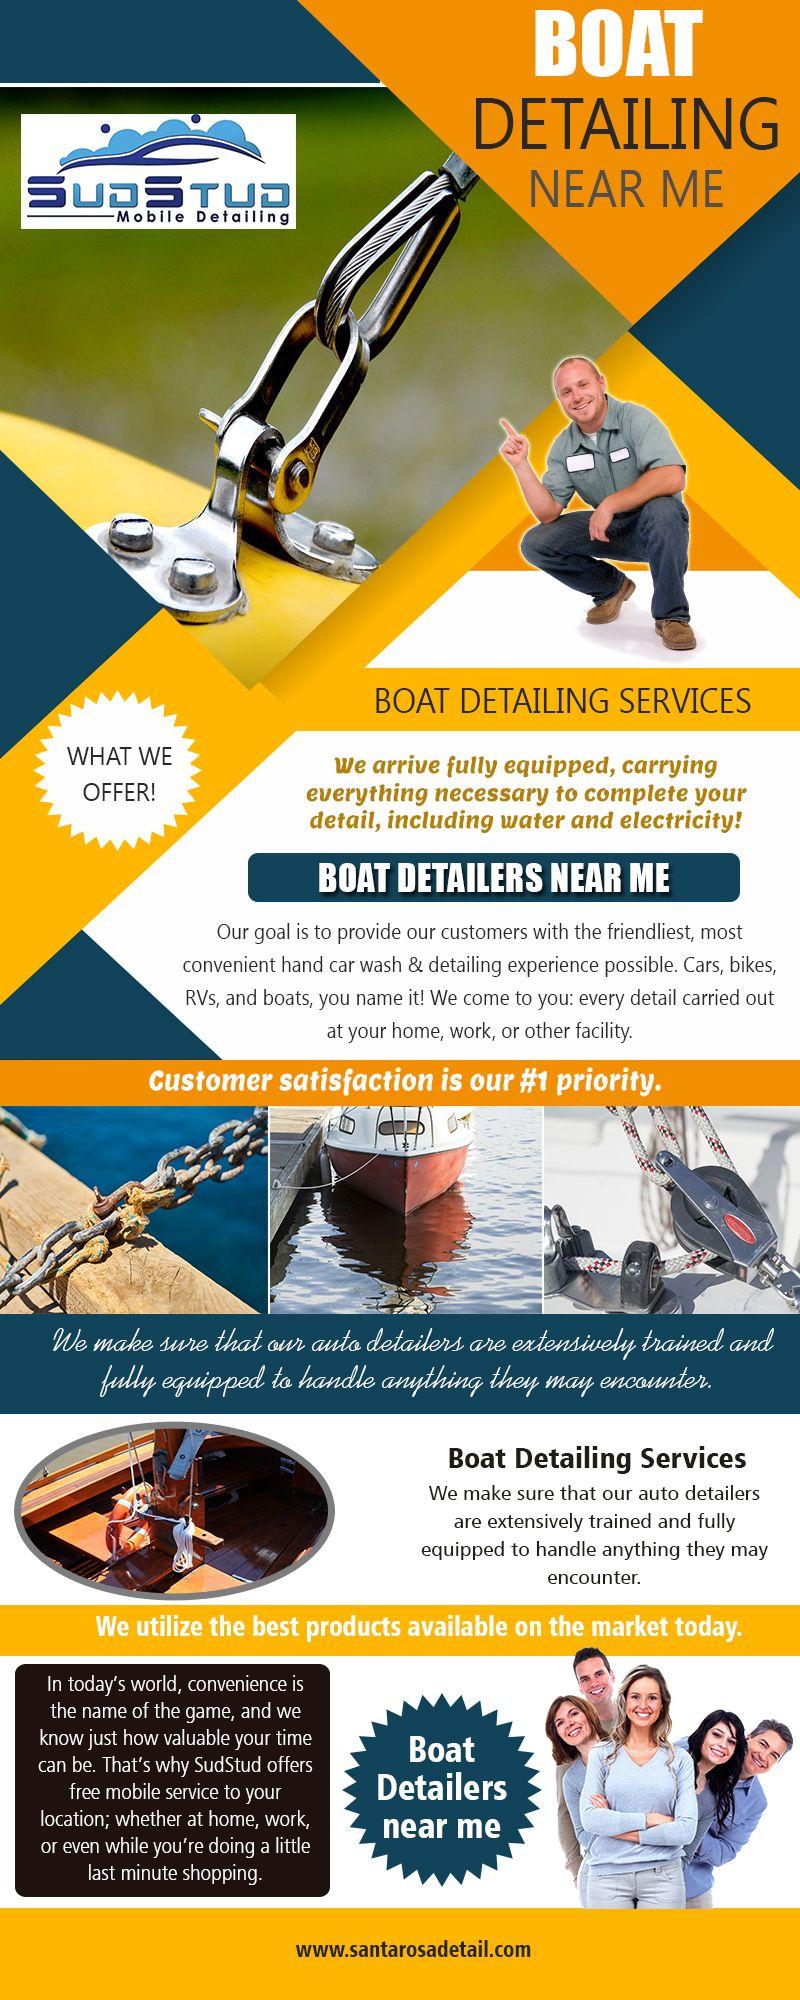 Boat detailingsanta rosa sudstud mobile detail boat